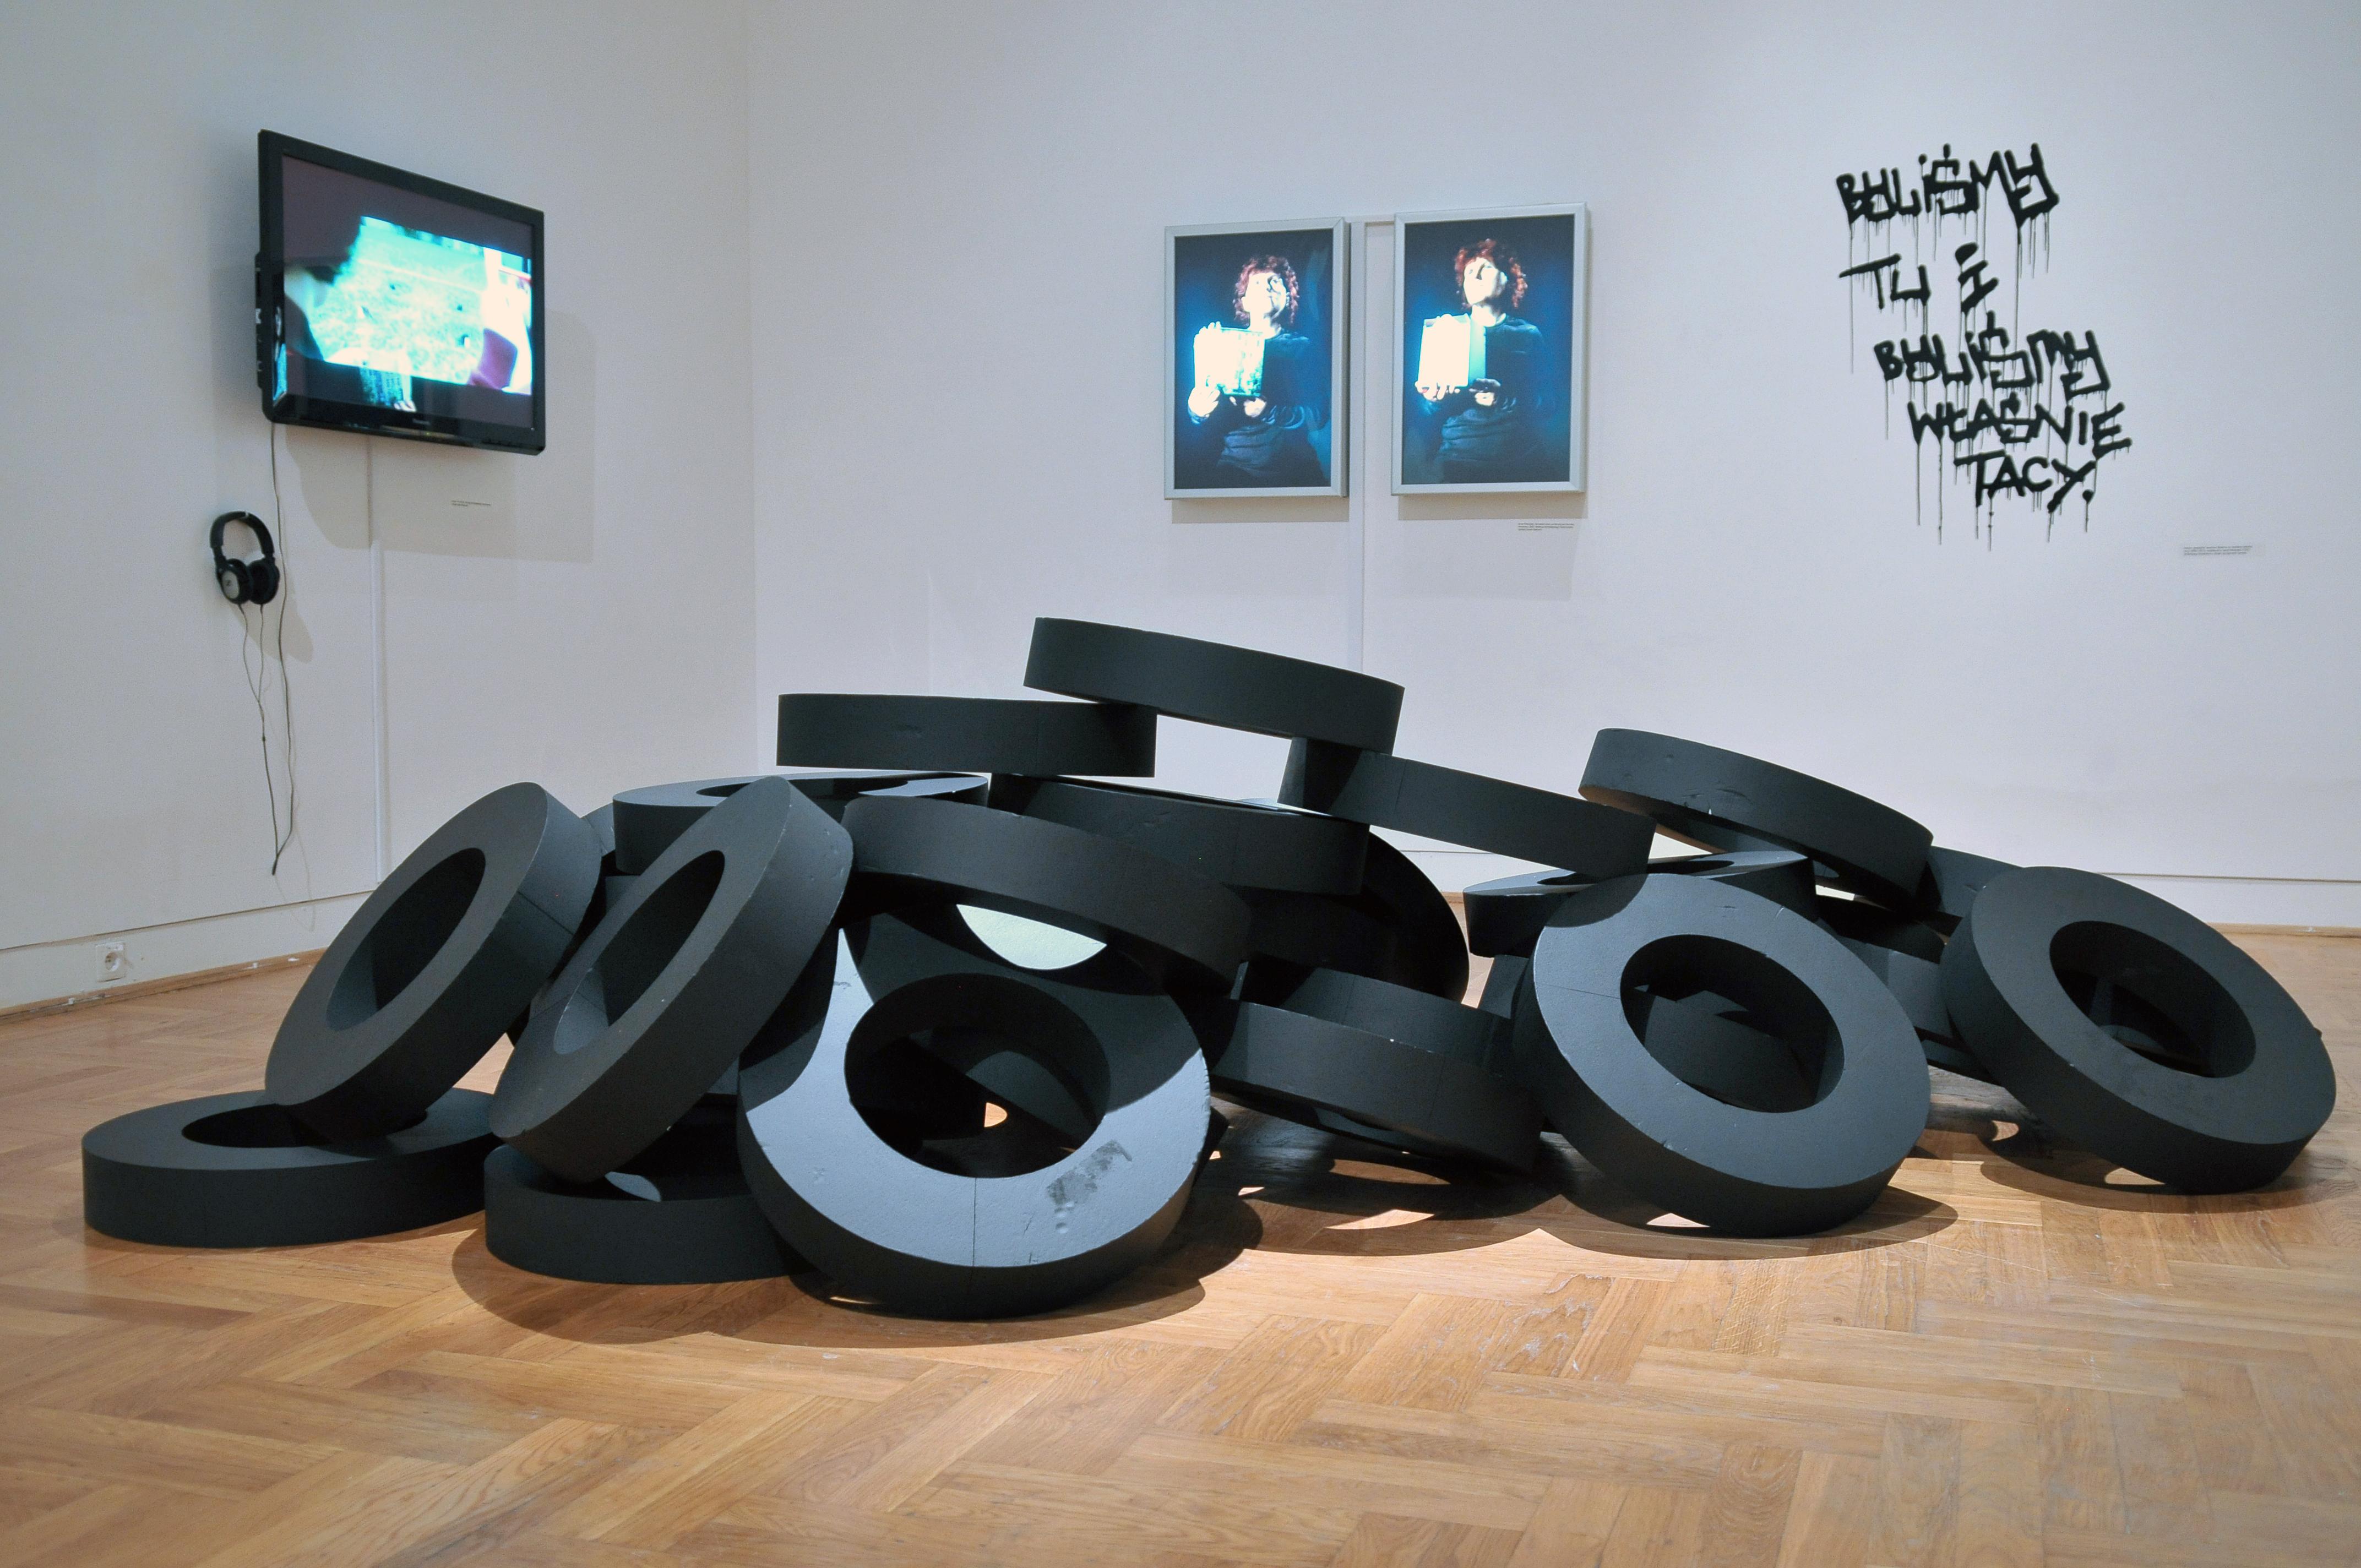 """Widok Sali nr7. Napierwszym planie: Krystian """"Truth"""" Czaplicki, Beztytułu (Zmęczenie), 2008, instalacja, kolekcja DTZSP"""